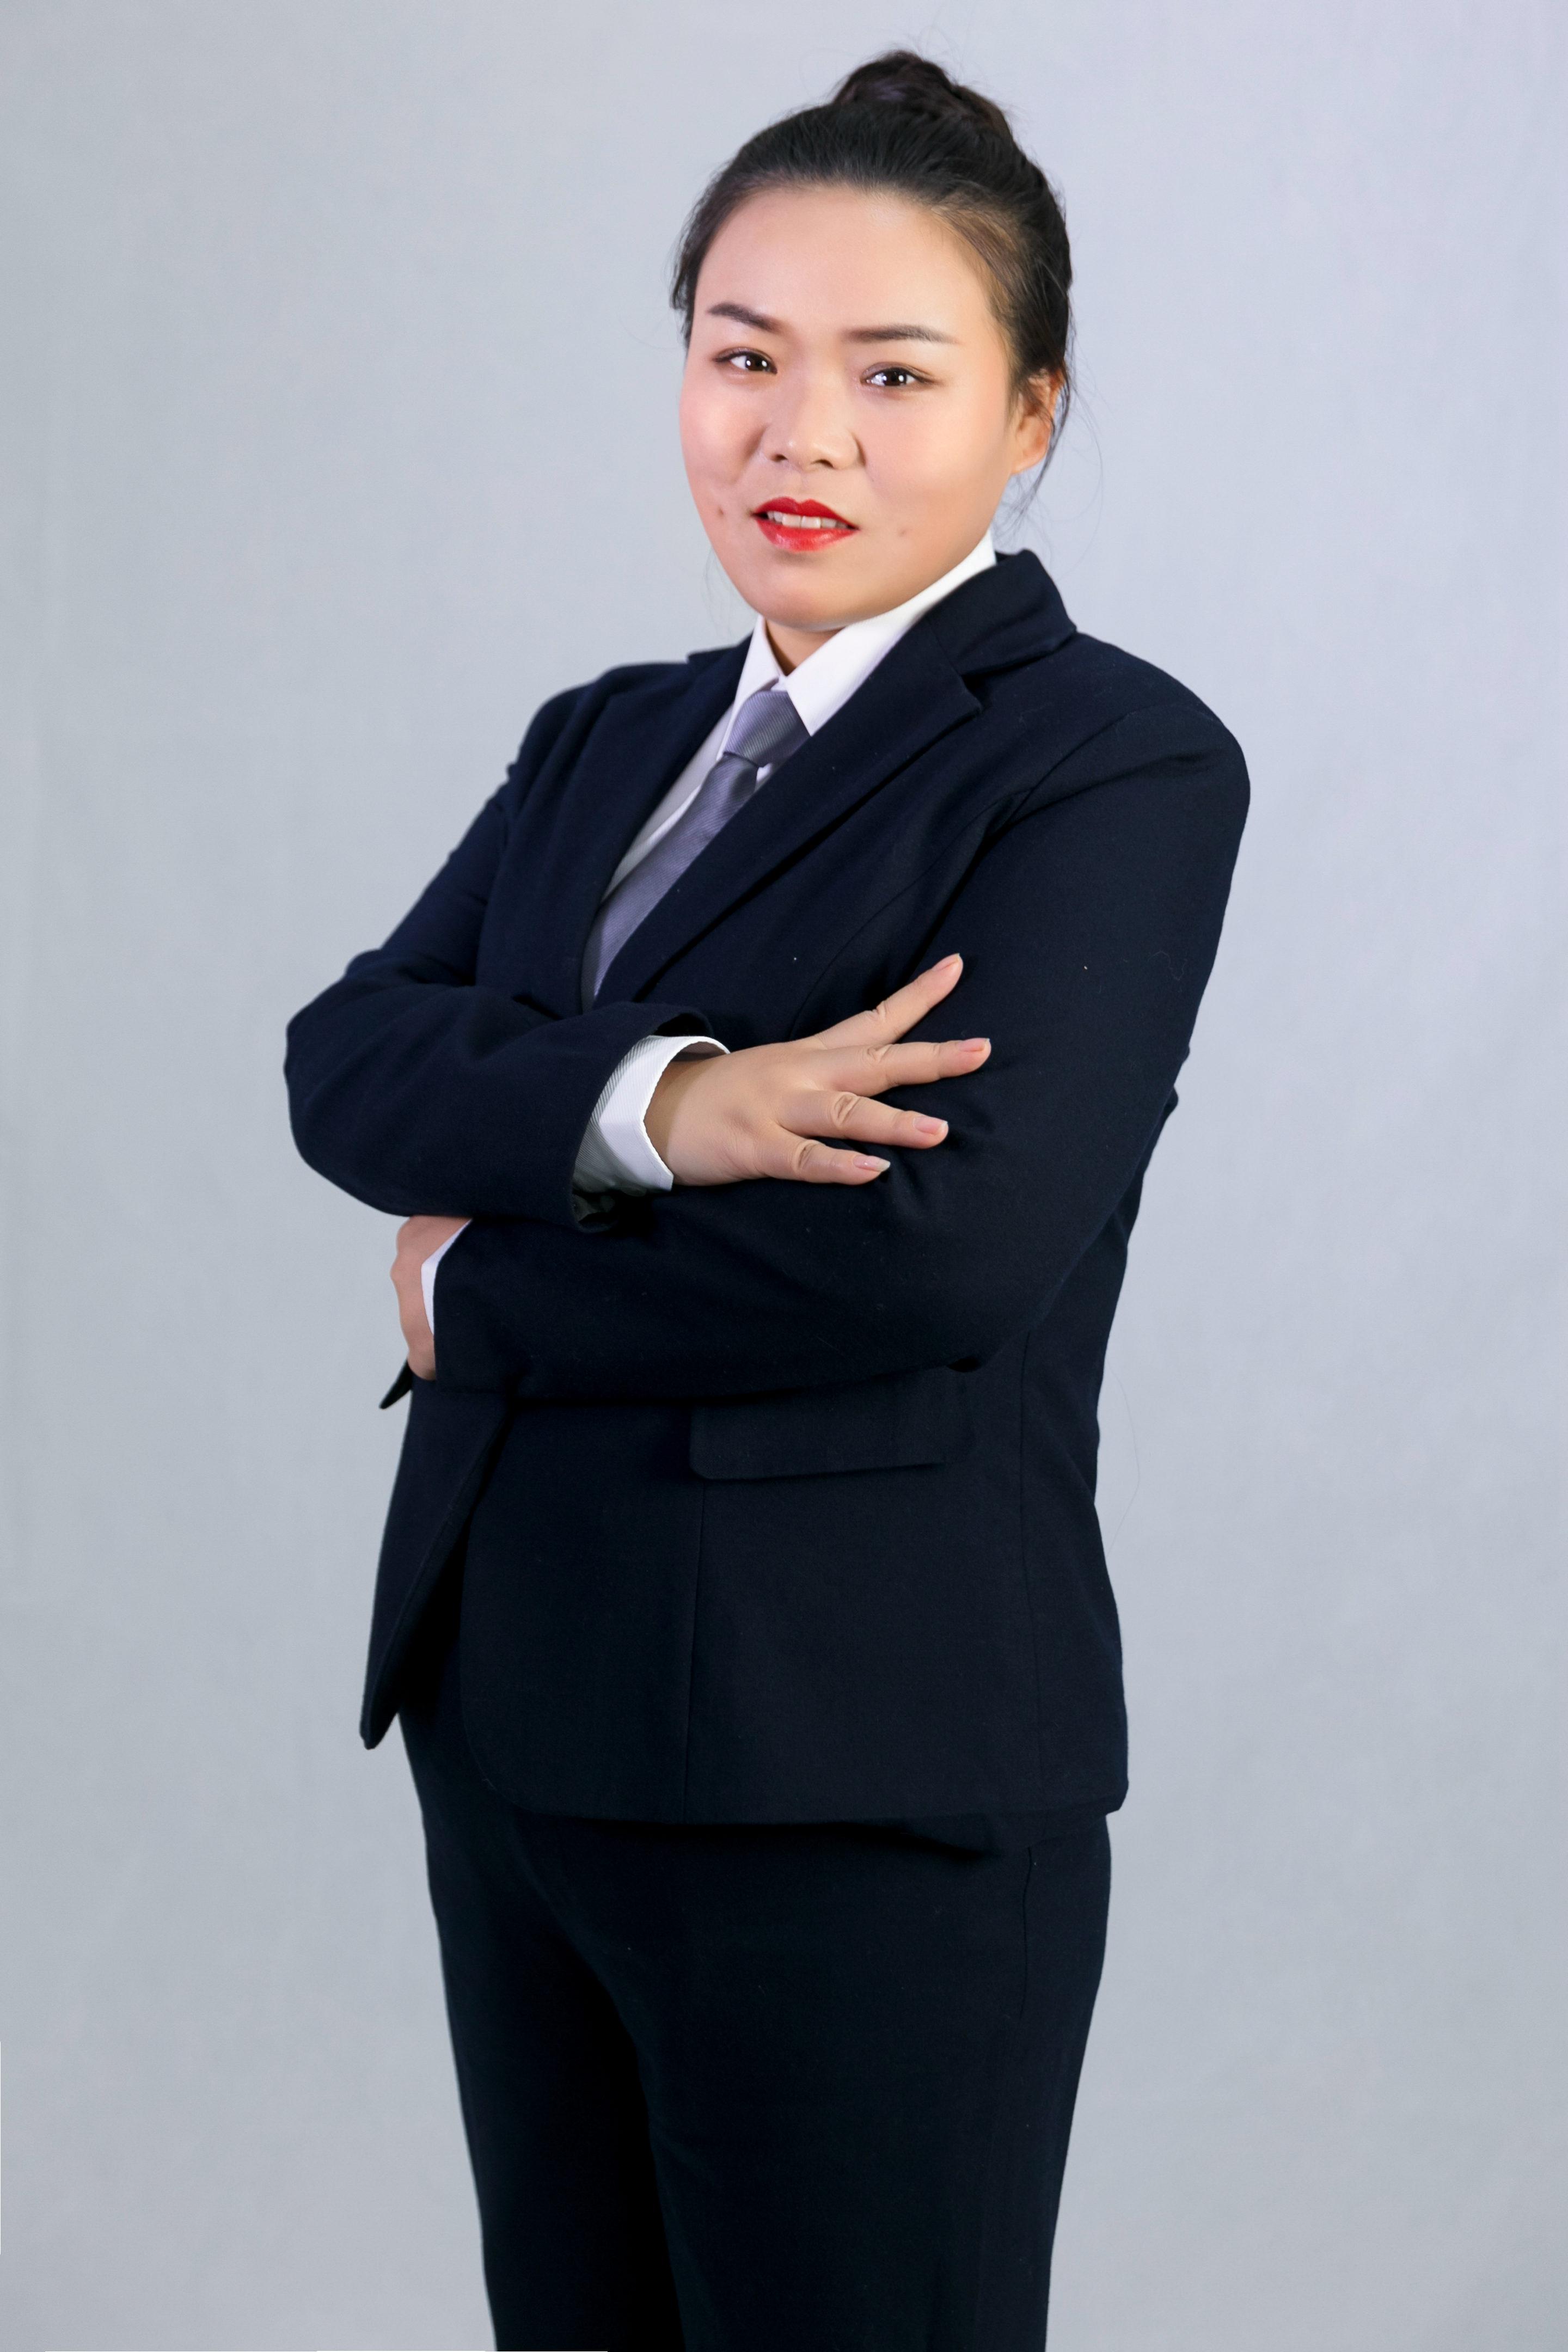 陕西专业律师有哪些 服务至上 陕西金控律师事务所供应